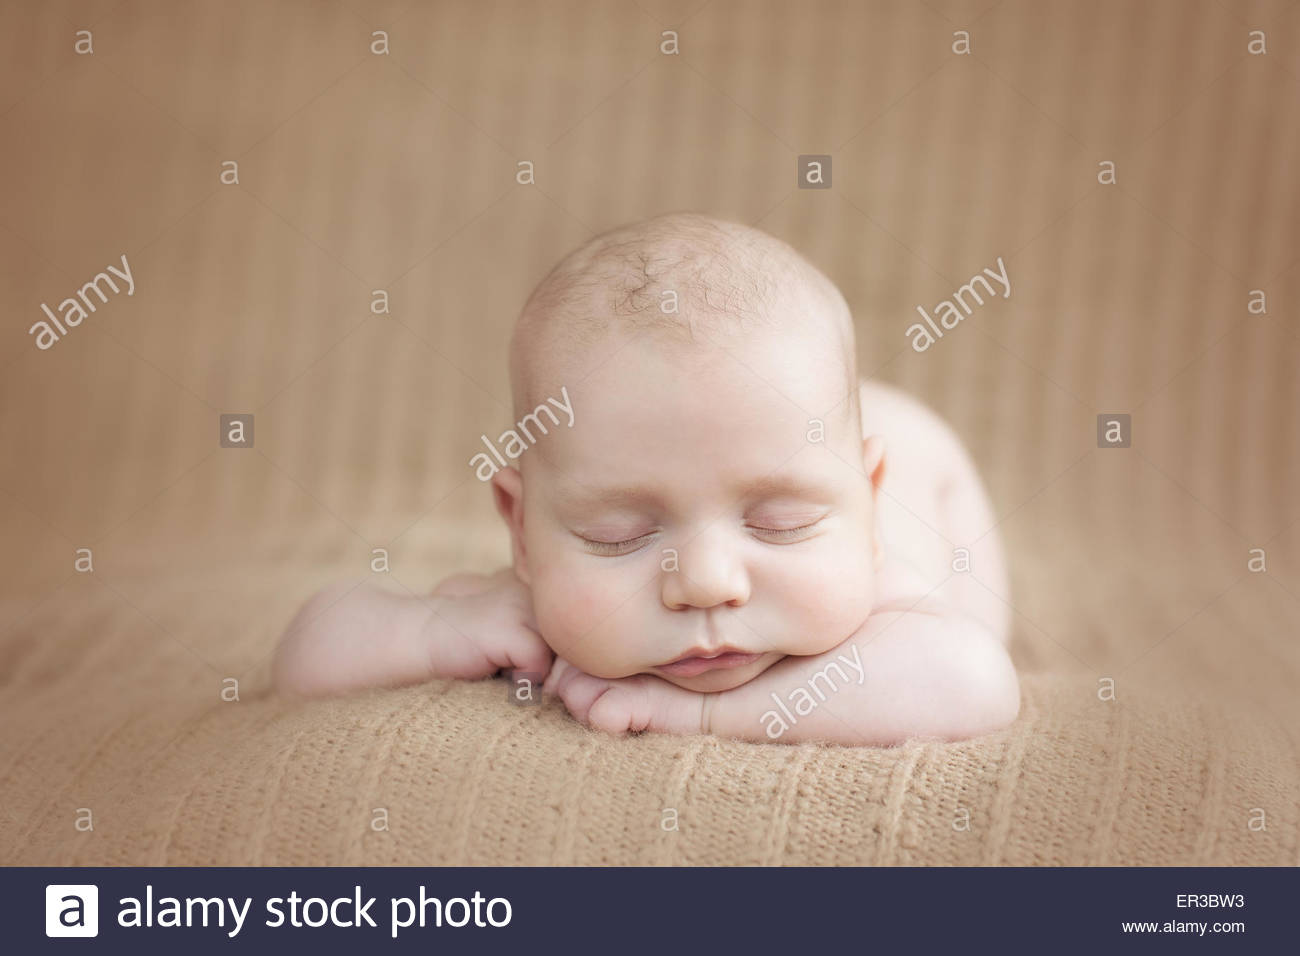 Vue de face d'un bébé garçon endormi sur une douce couverture Photo Stock